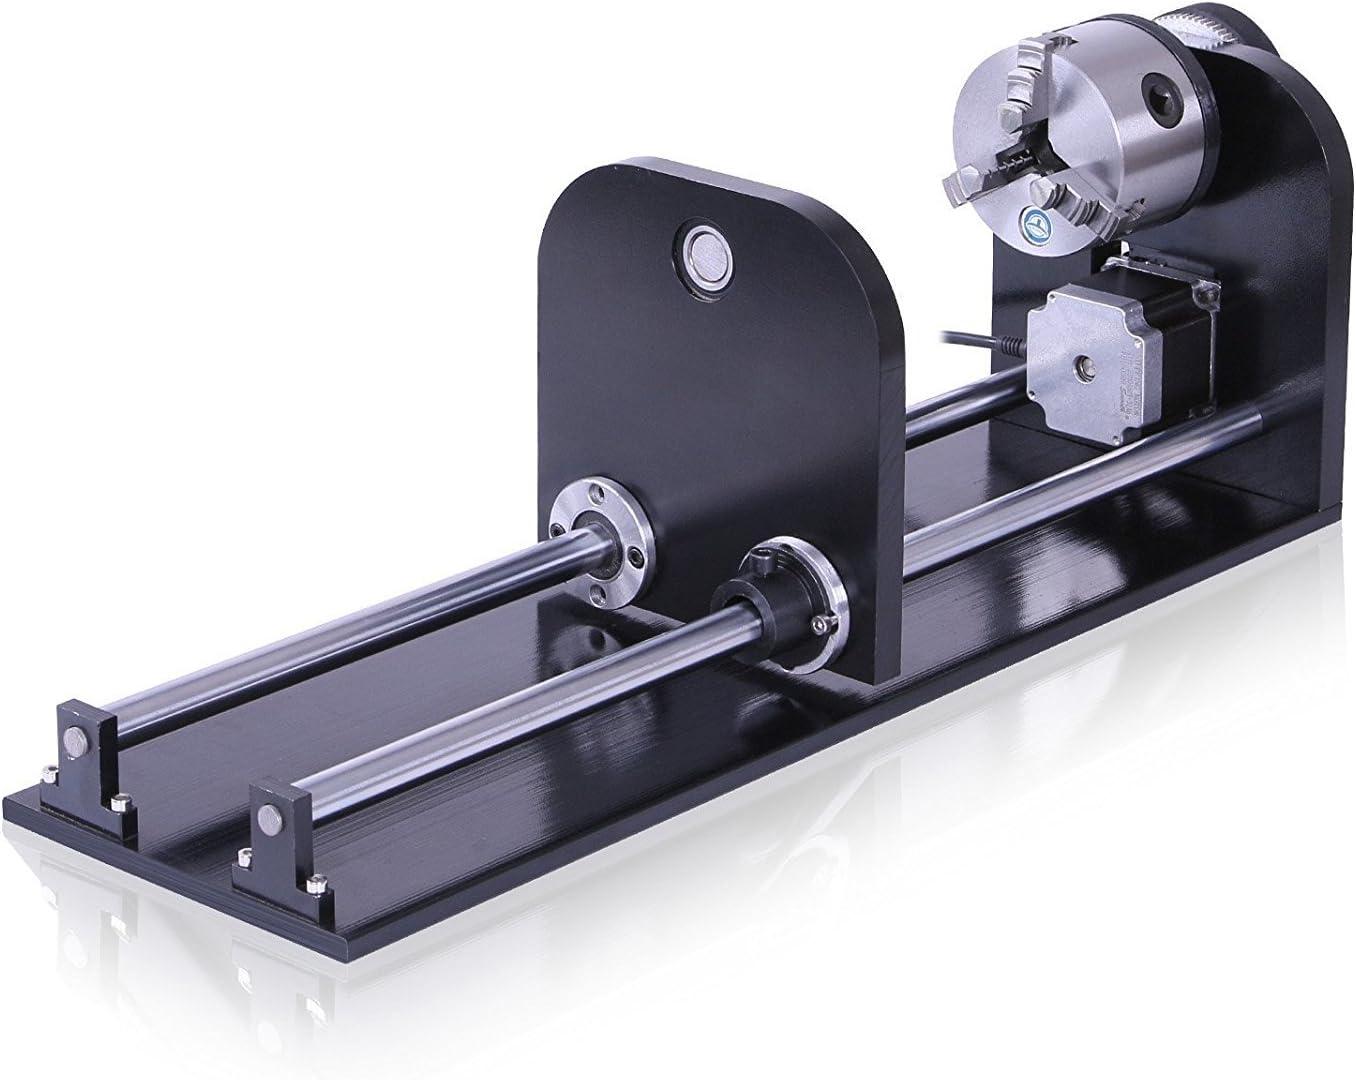 60W + Drehachsen + Wasserk/ühler Laser Graviermaschine mit 80mm Router Drehachsen 60W Graviermaschine Co2 Laserengraver 700x500mm Handwerk Schneiden mit CW-3000AG Wasserk/ühler